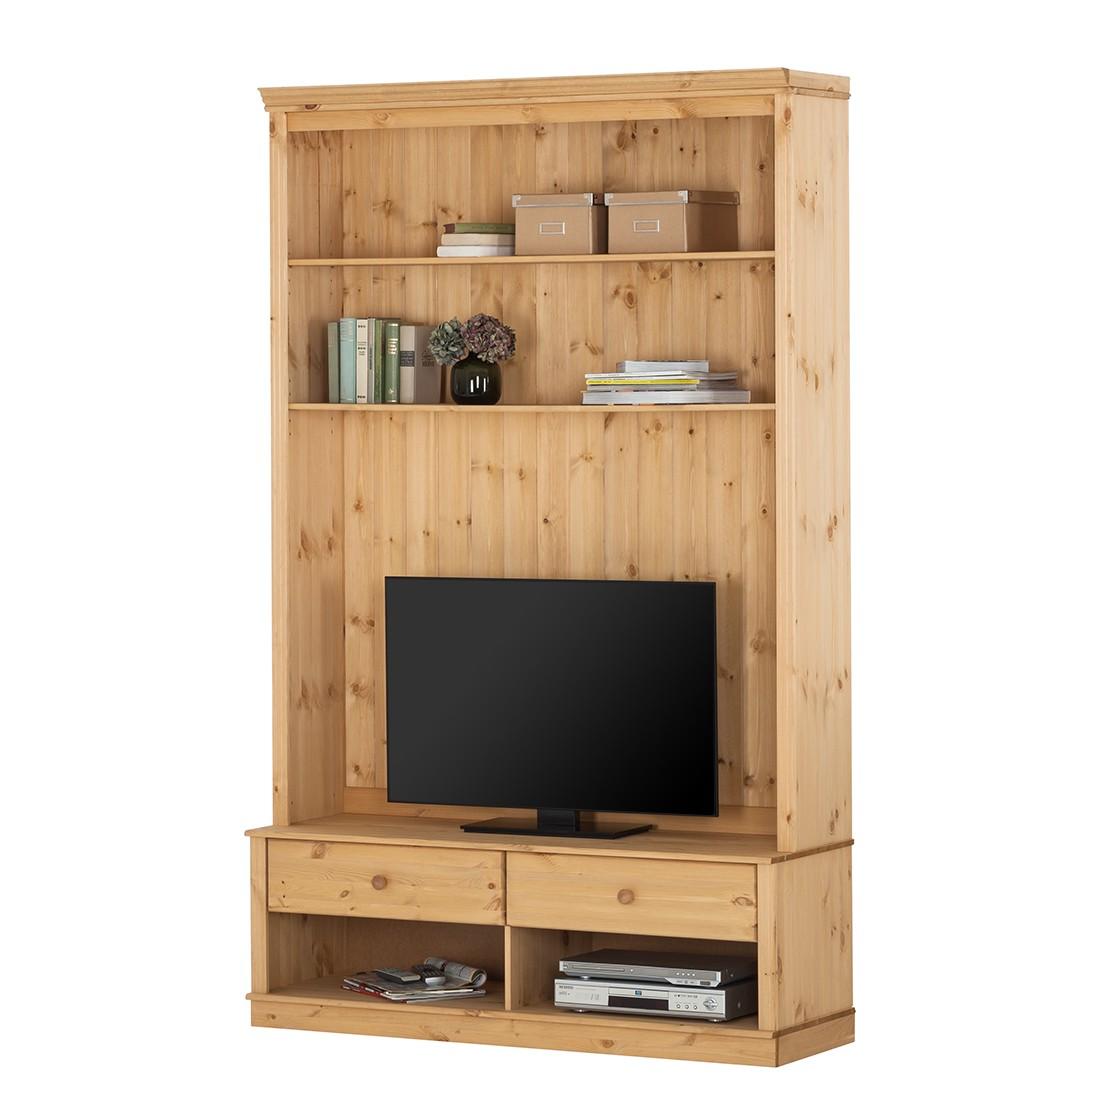 tv lowboard lillehammer ii kiefer massiv kiefer lars larson. Black Bedroom Furniture Sets. Home Design Ideas